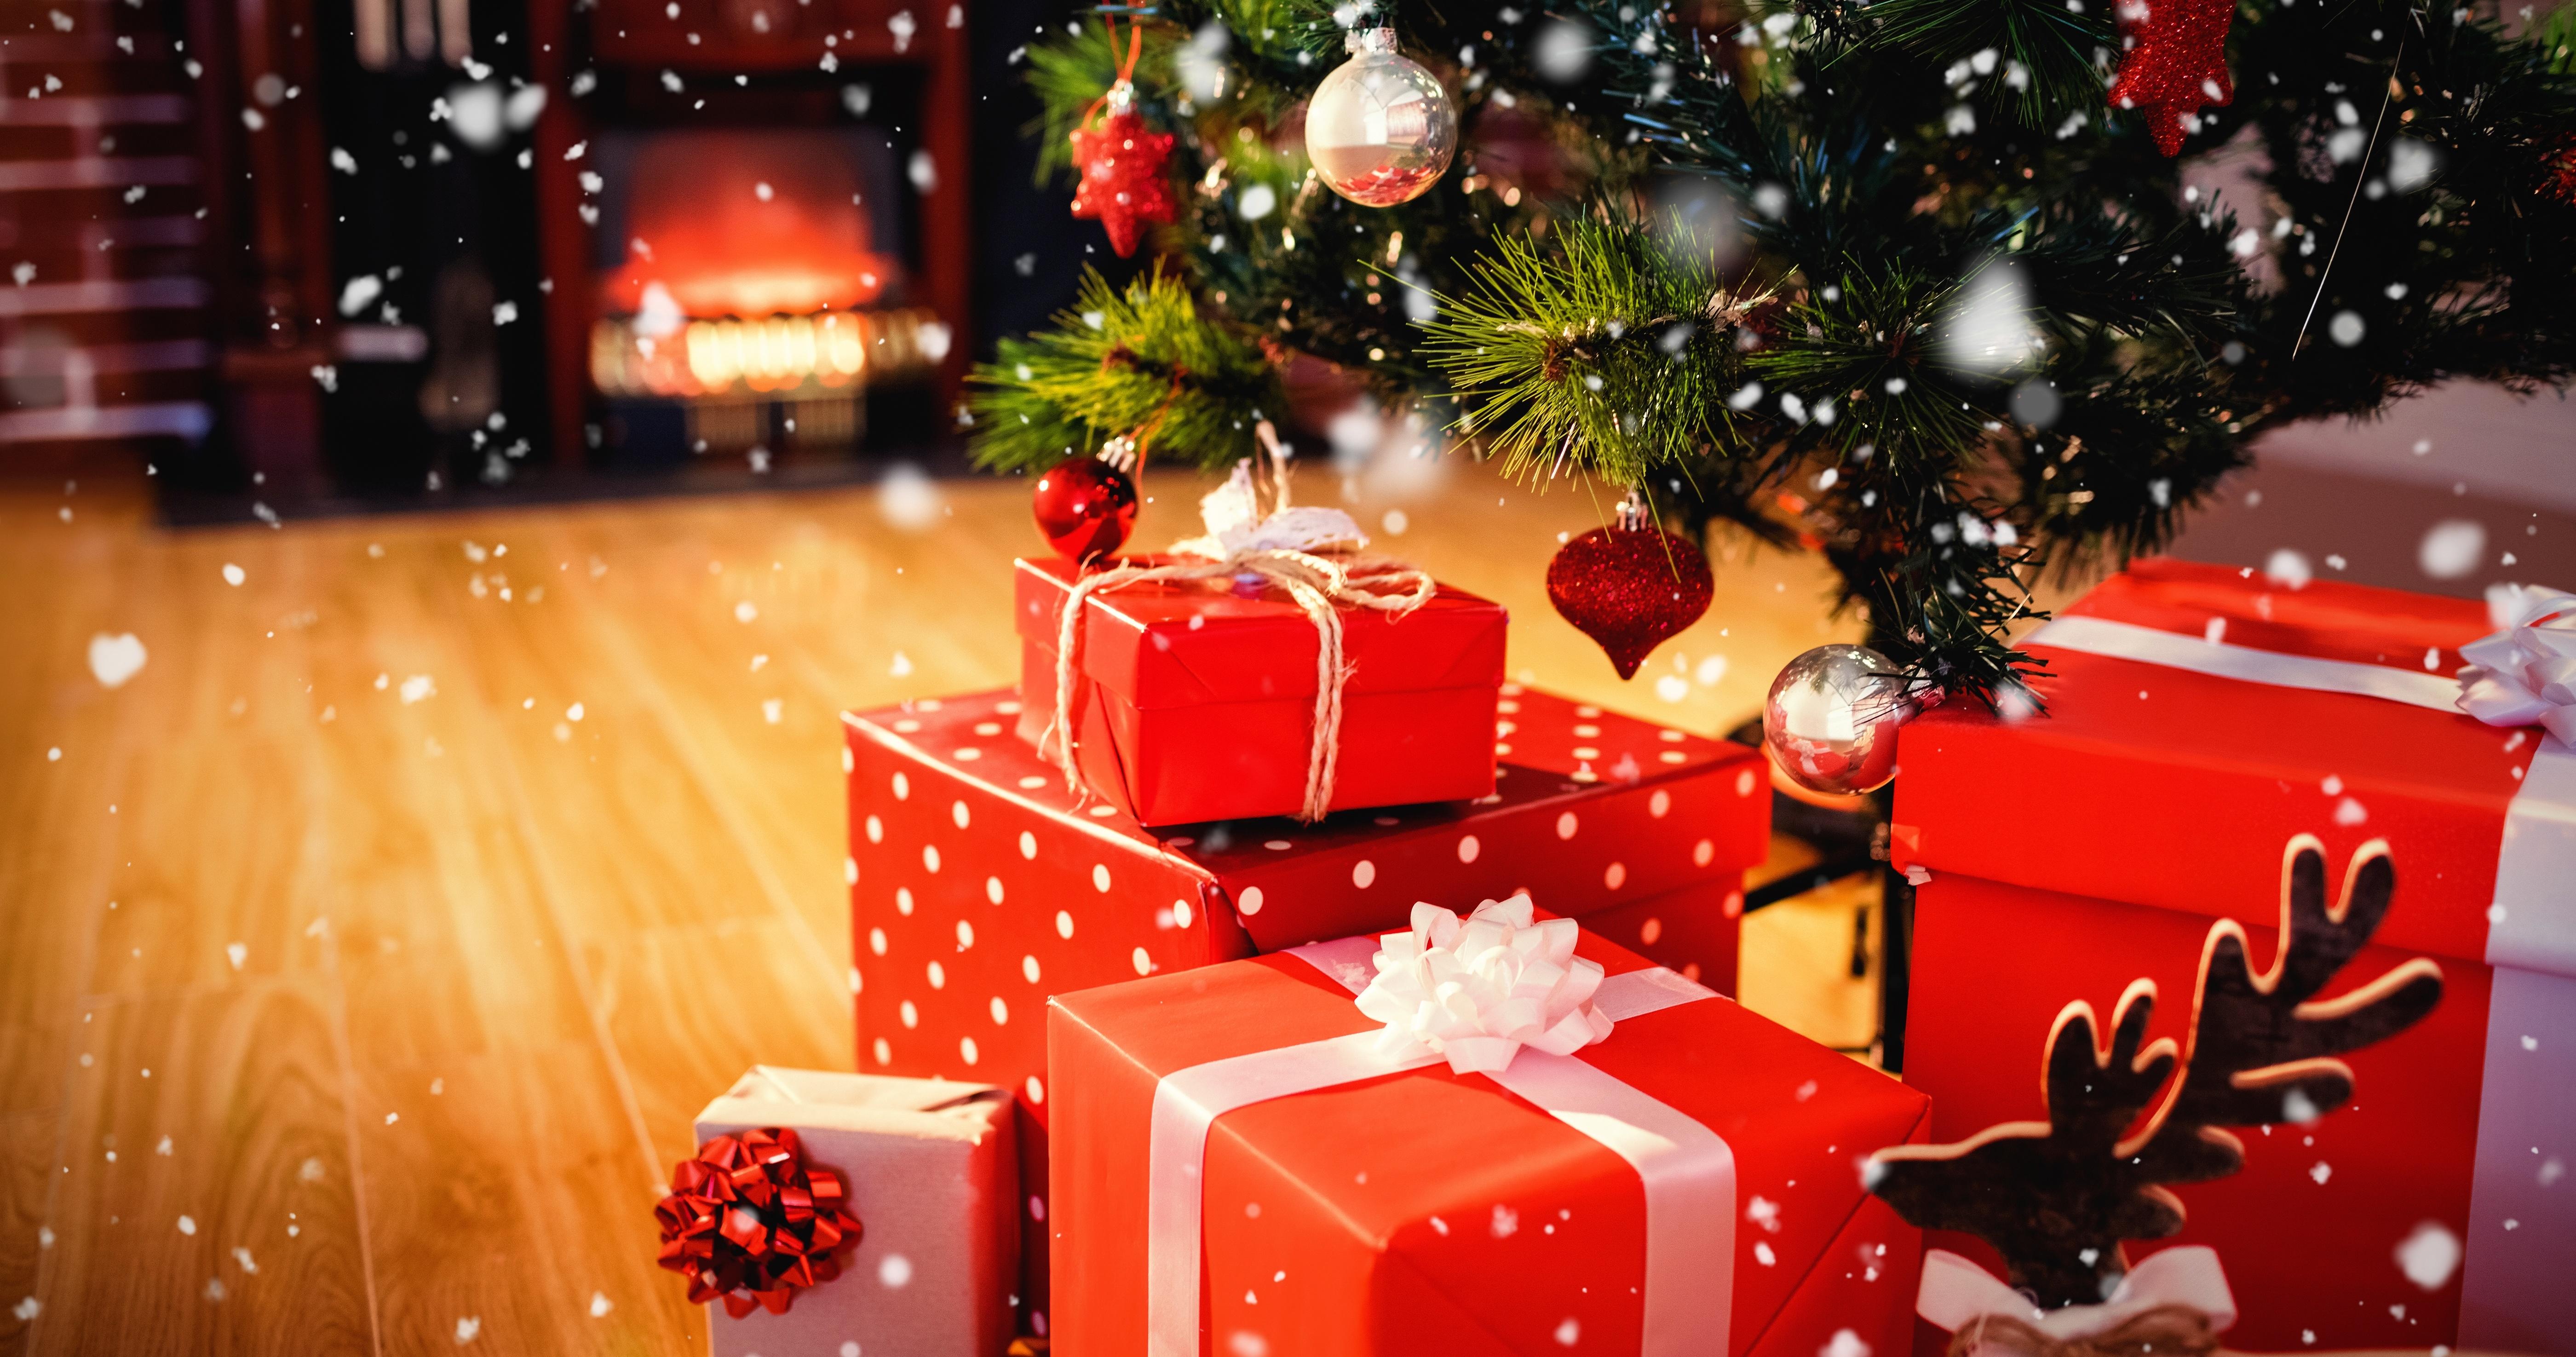 фото с новогодними подарками под елкой делать